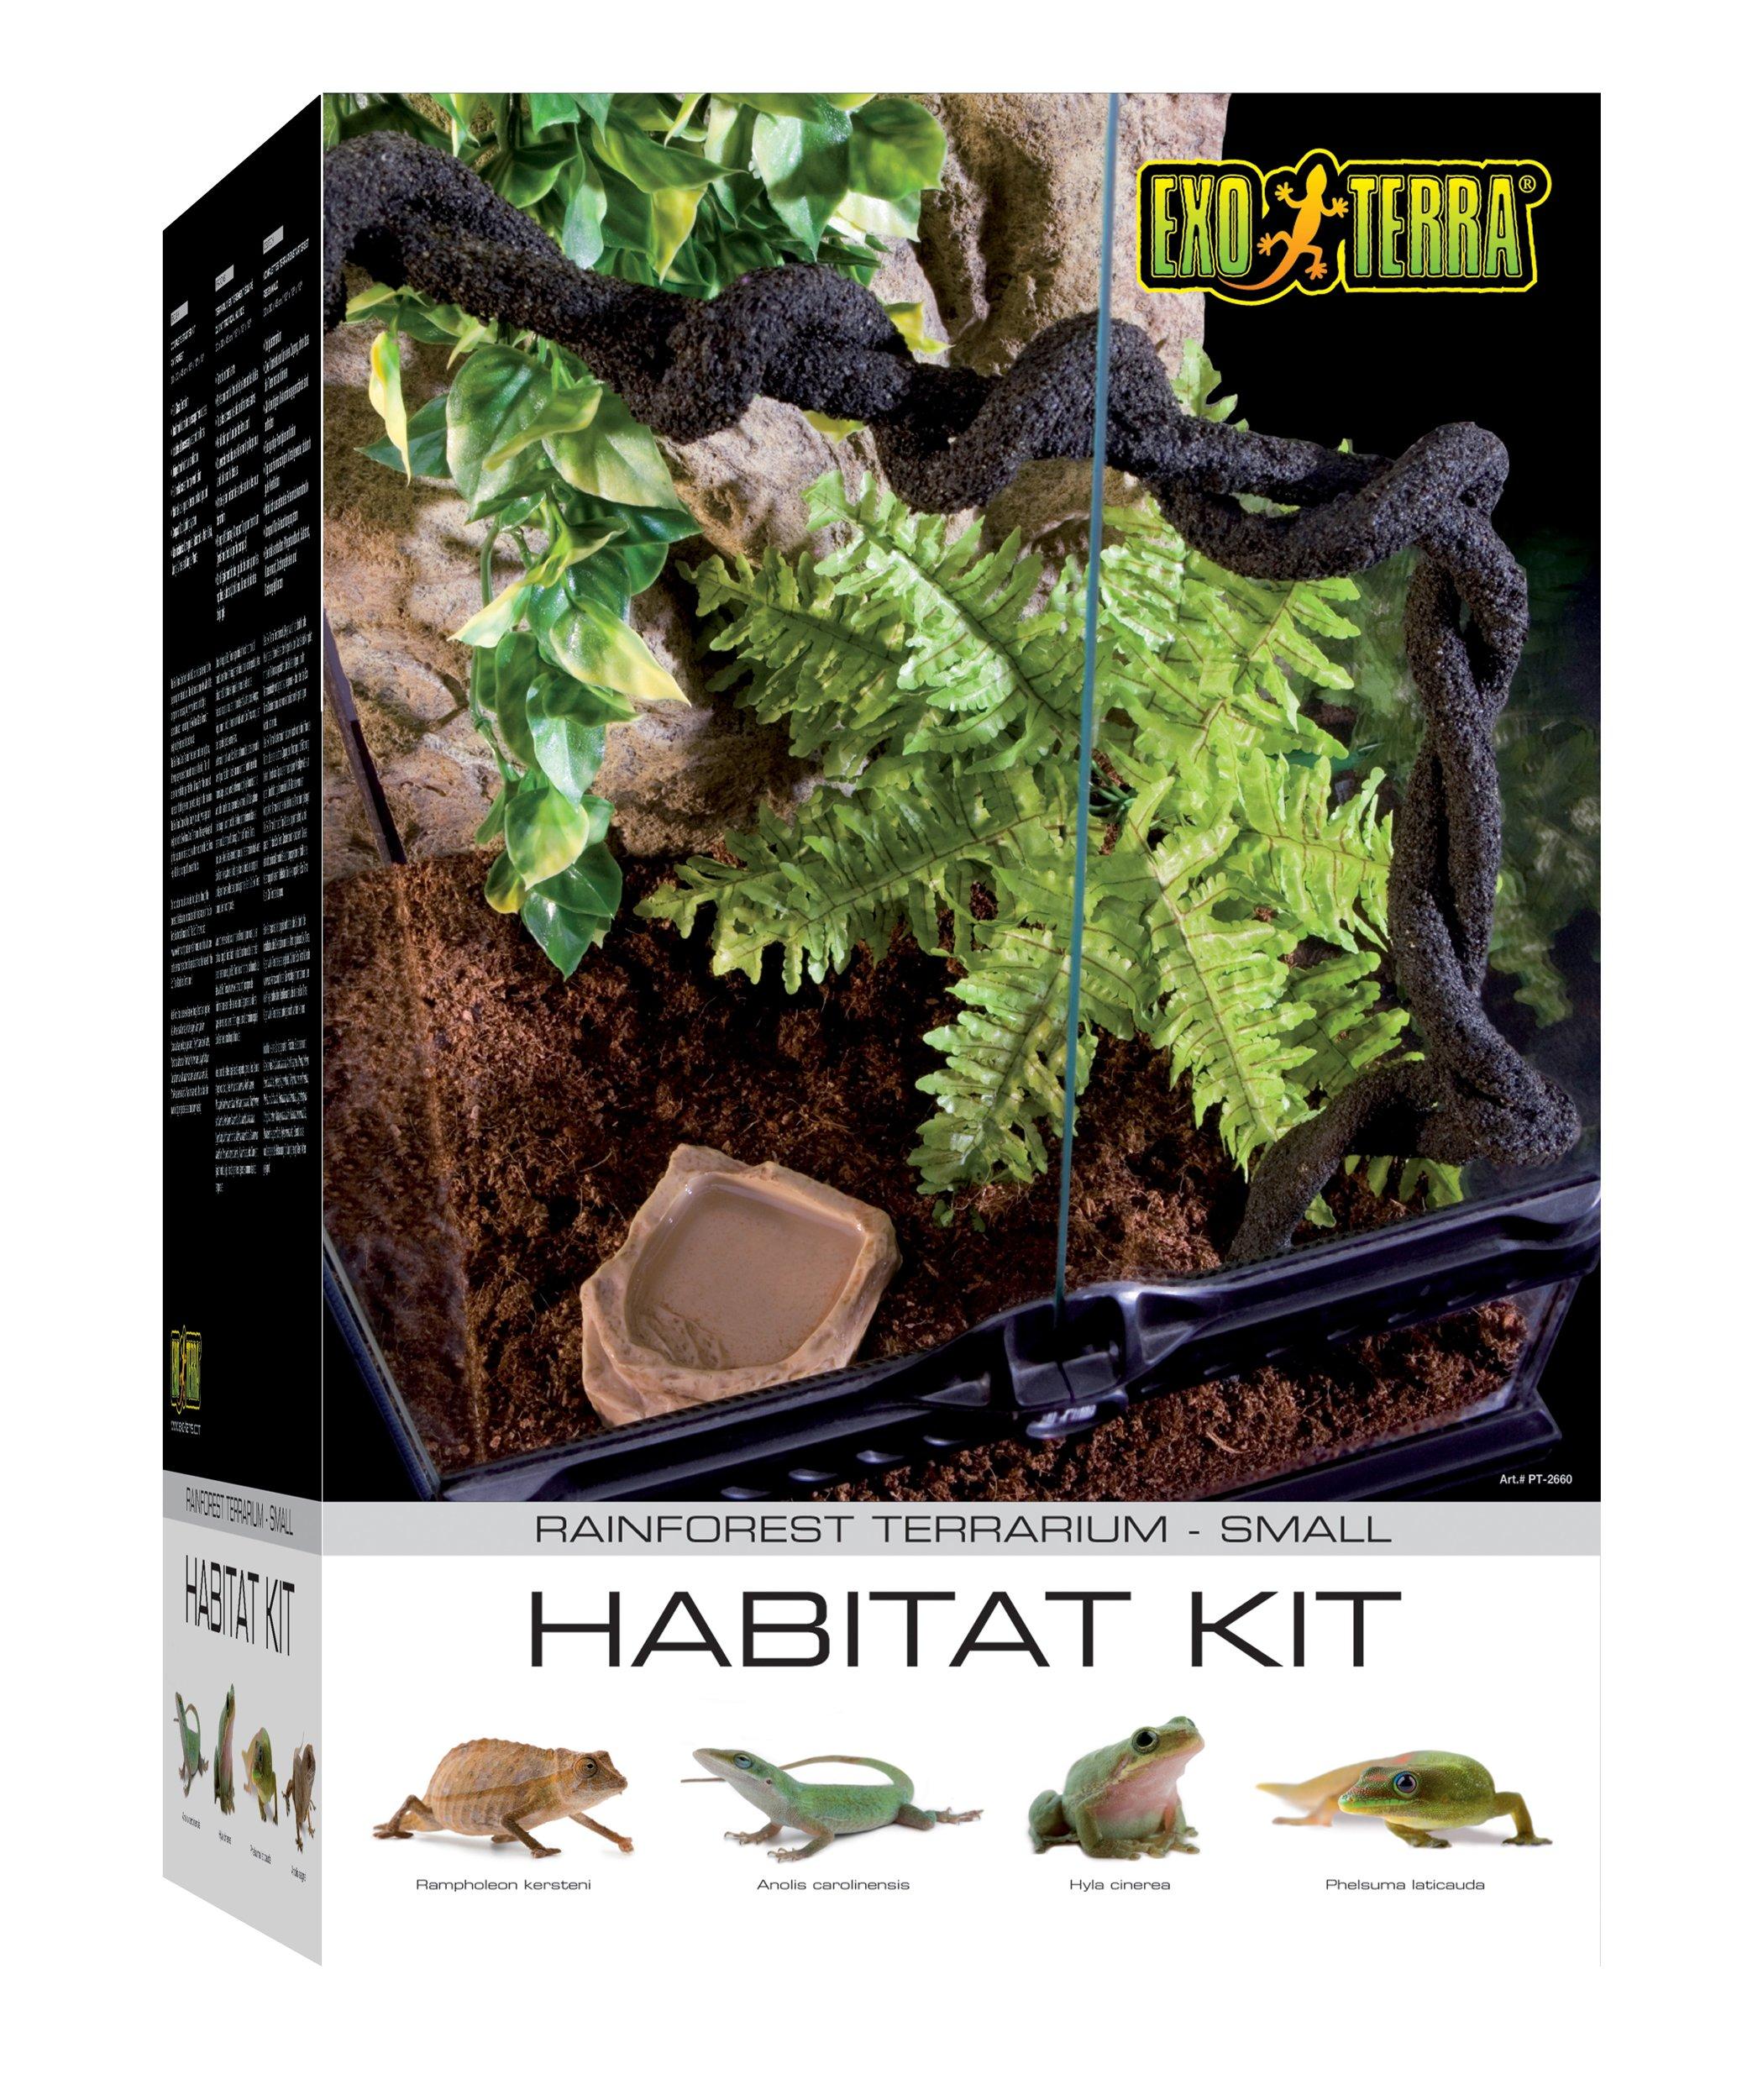 Exo Terra PT2602 Rainforest Habitat Kit, Small